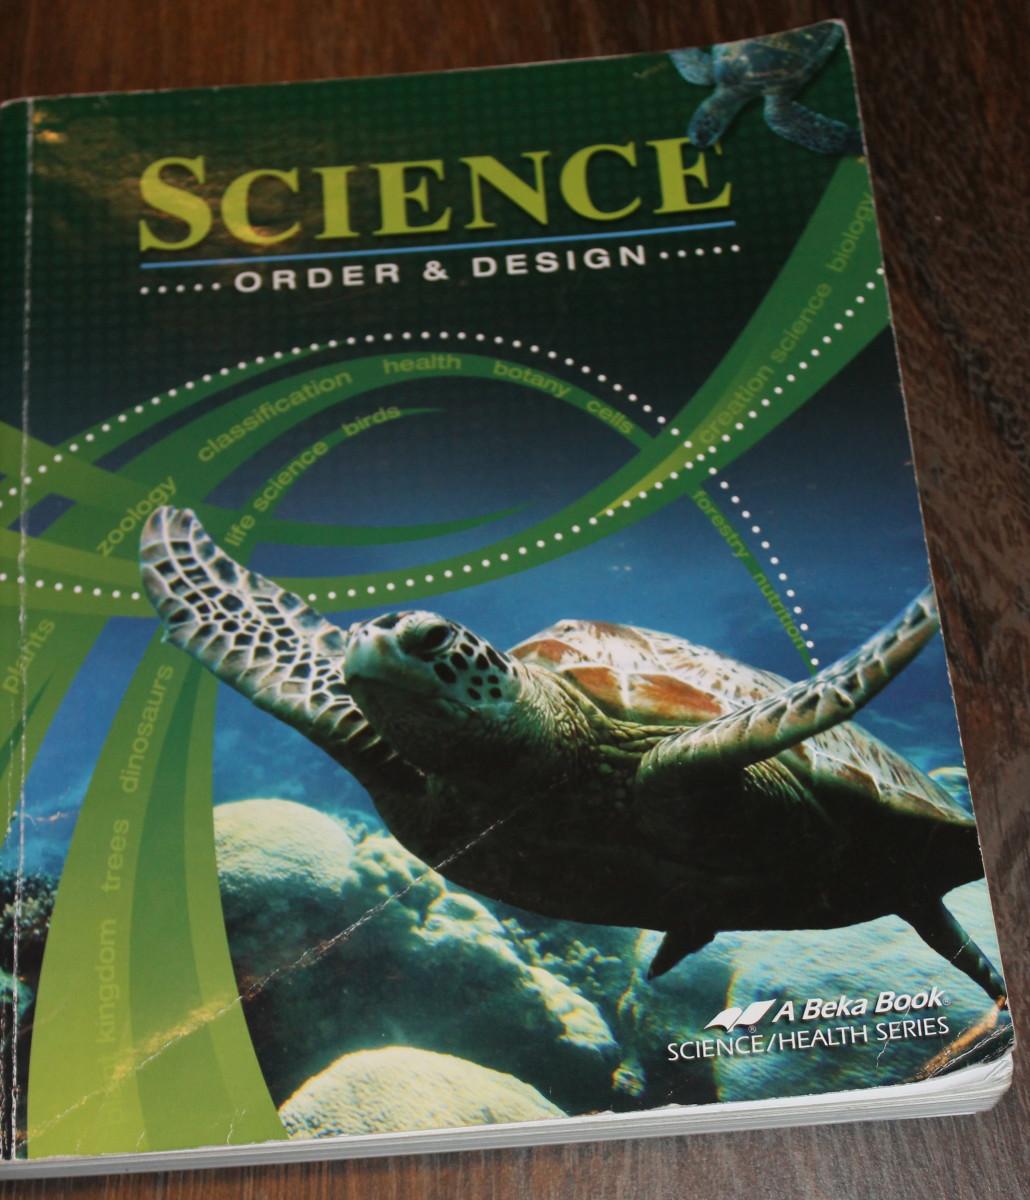 A Beka's Science: Order & Design